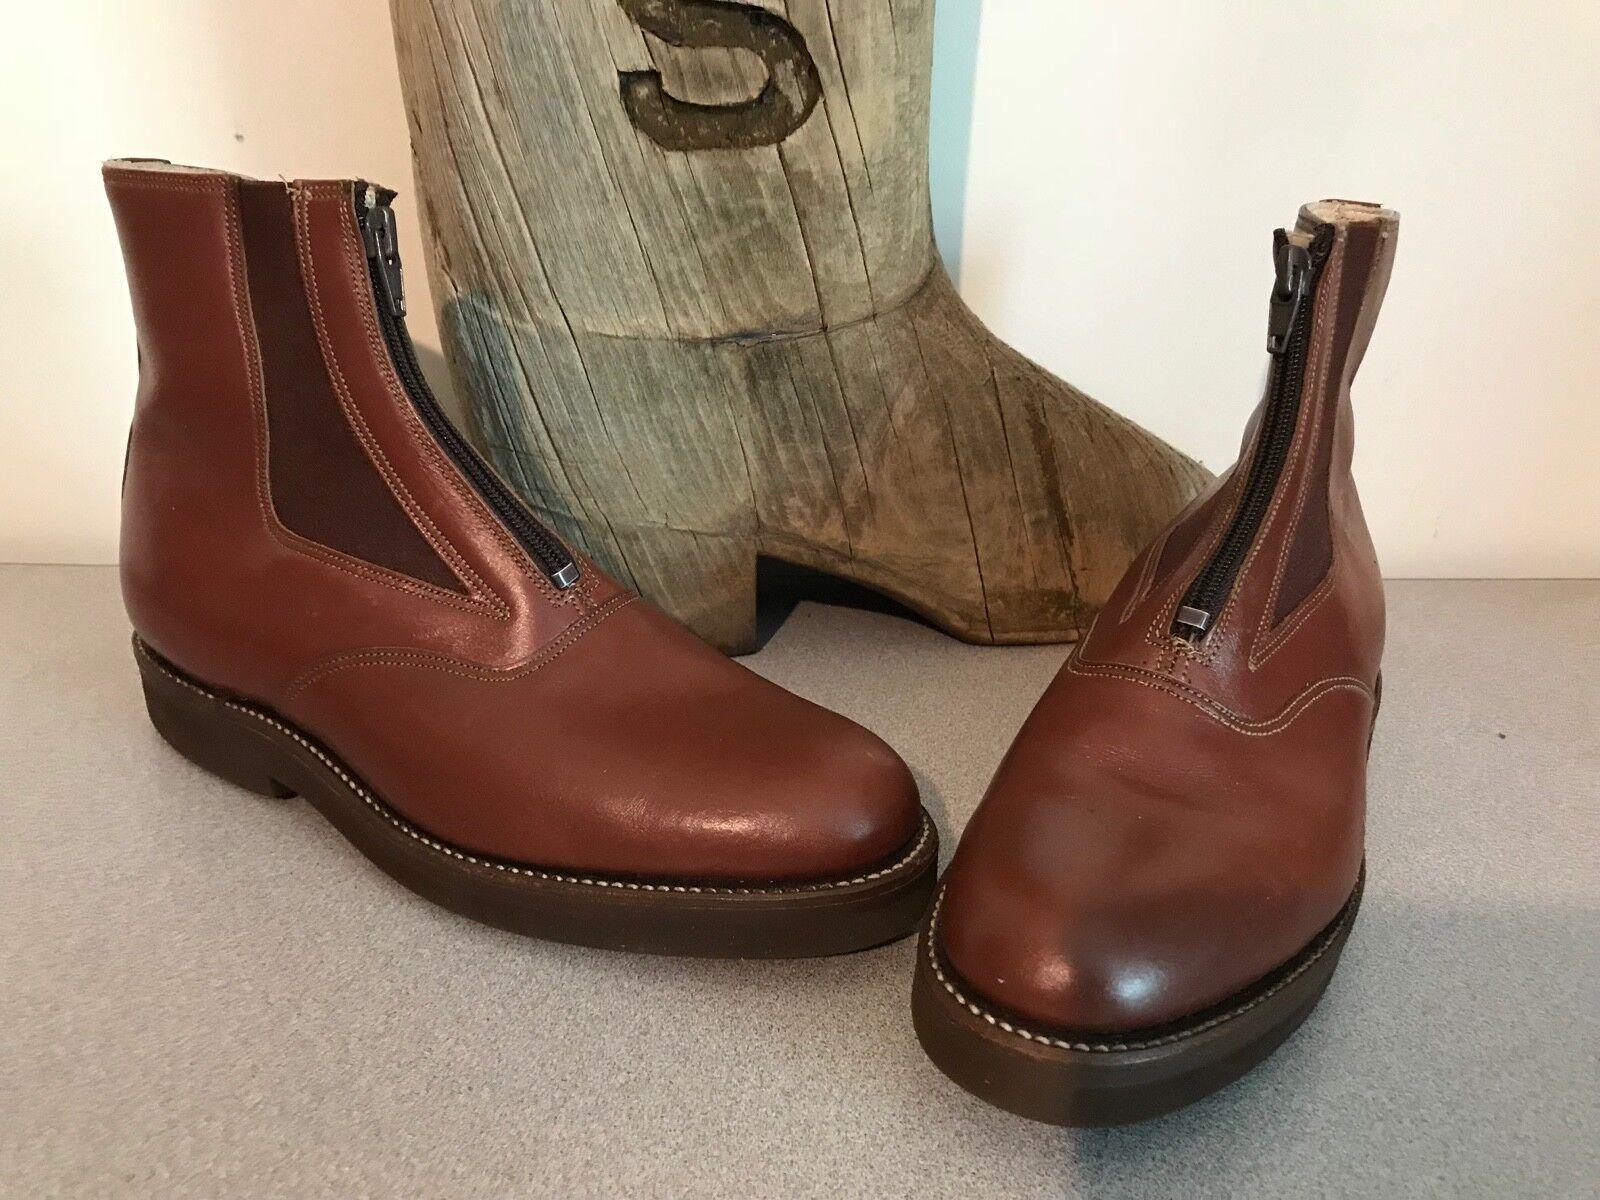 Nuevo a.m. Kroop & Sons Cuero Cuero Cuero Cremallera Jodhpur botas para hombre mujer 5.5 7.5  tienda